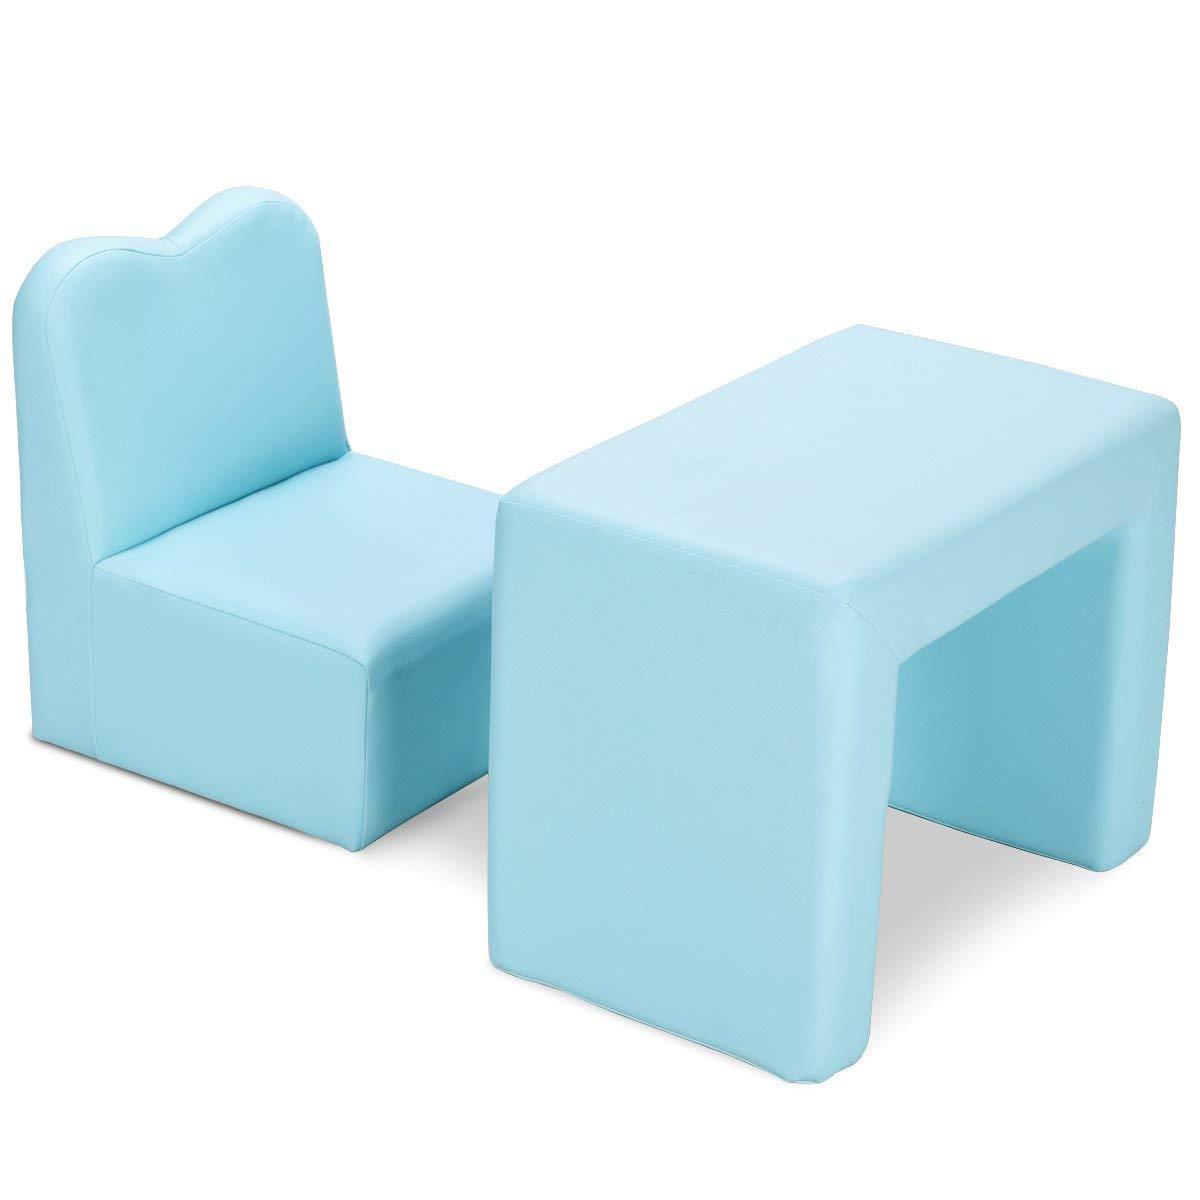 calidad garantizada COSTWAY 2 en en en 1 Mesa de Niños Silla para Infantil Muebles Set Suave Seguro Color Azul  tienda en linea